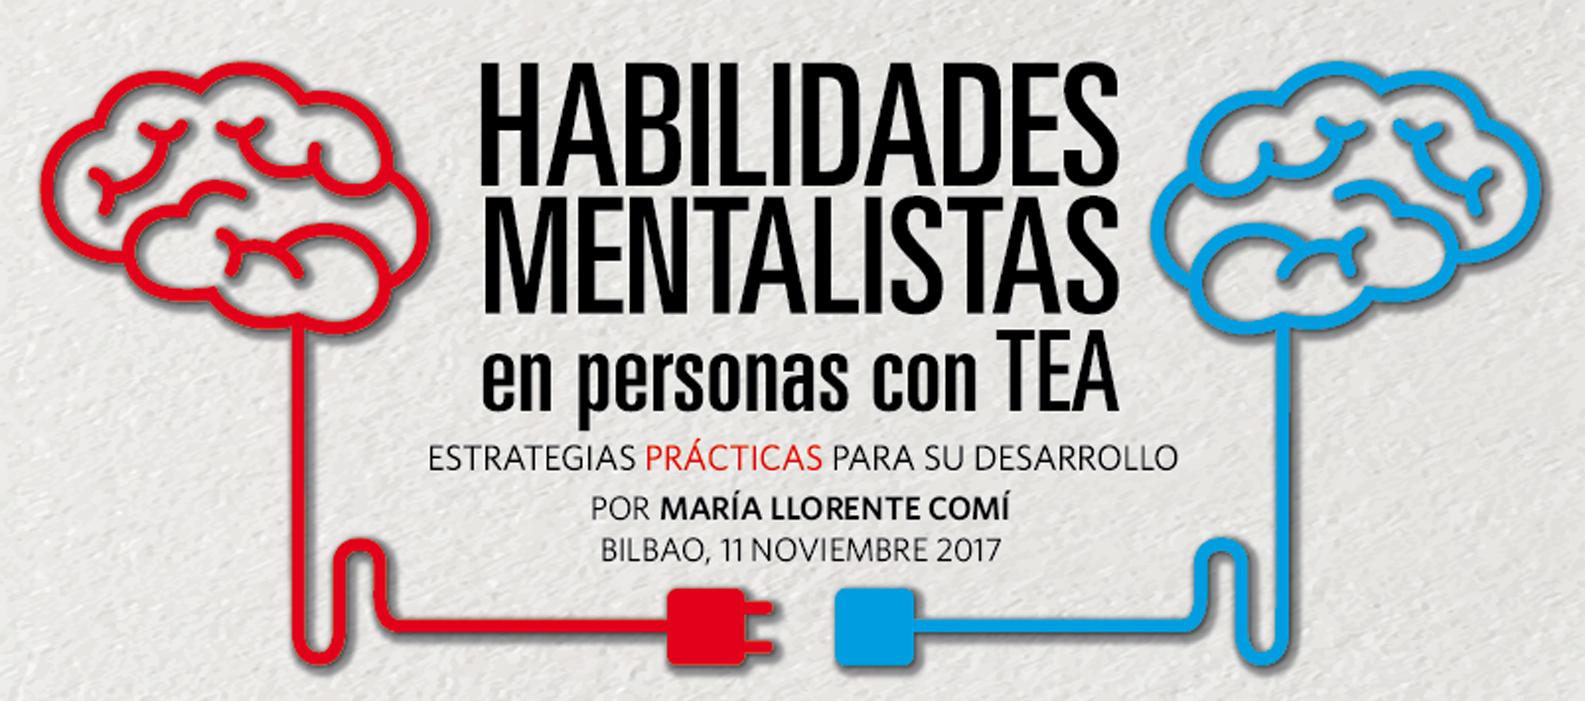 Habilidades Mentalistas en personas con TEA